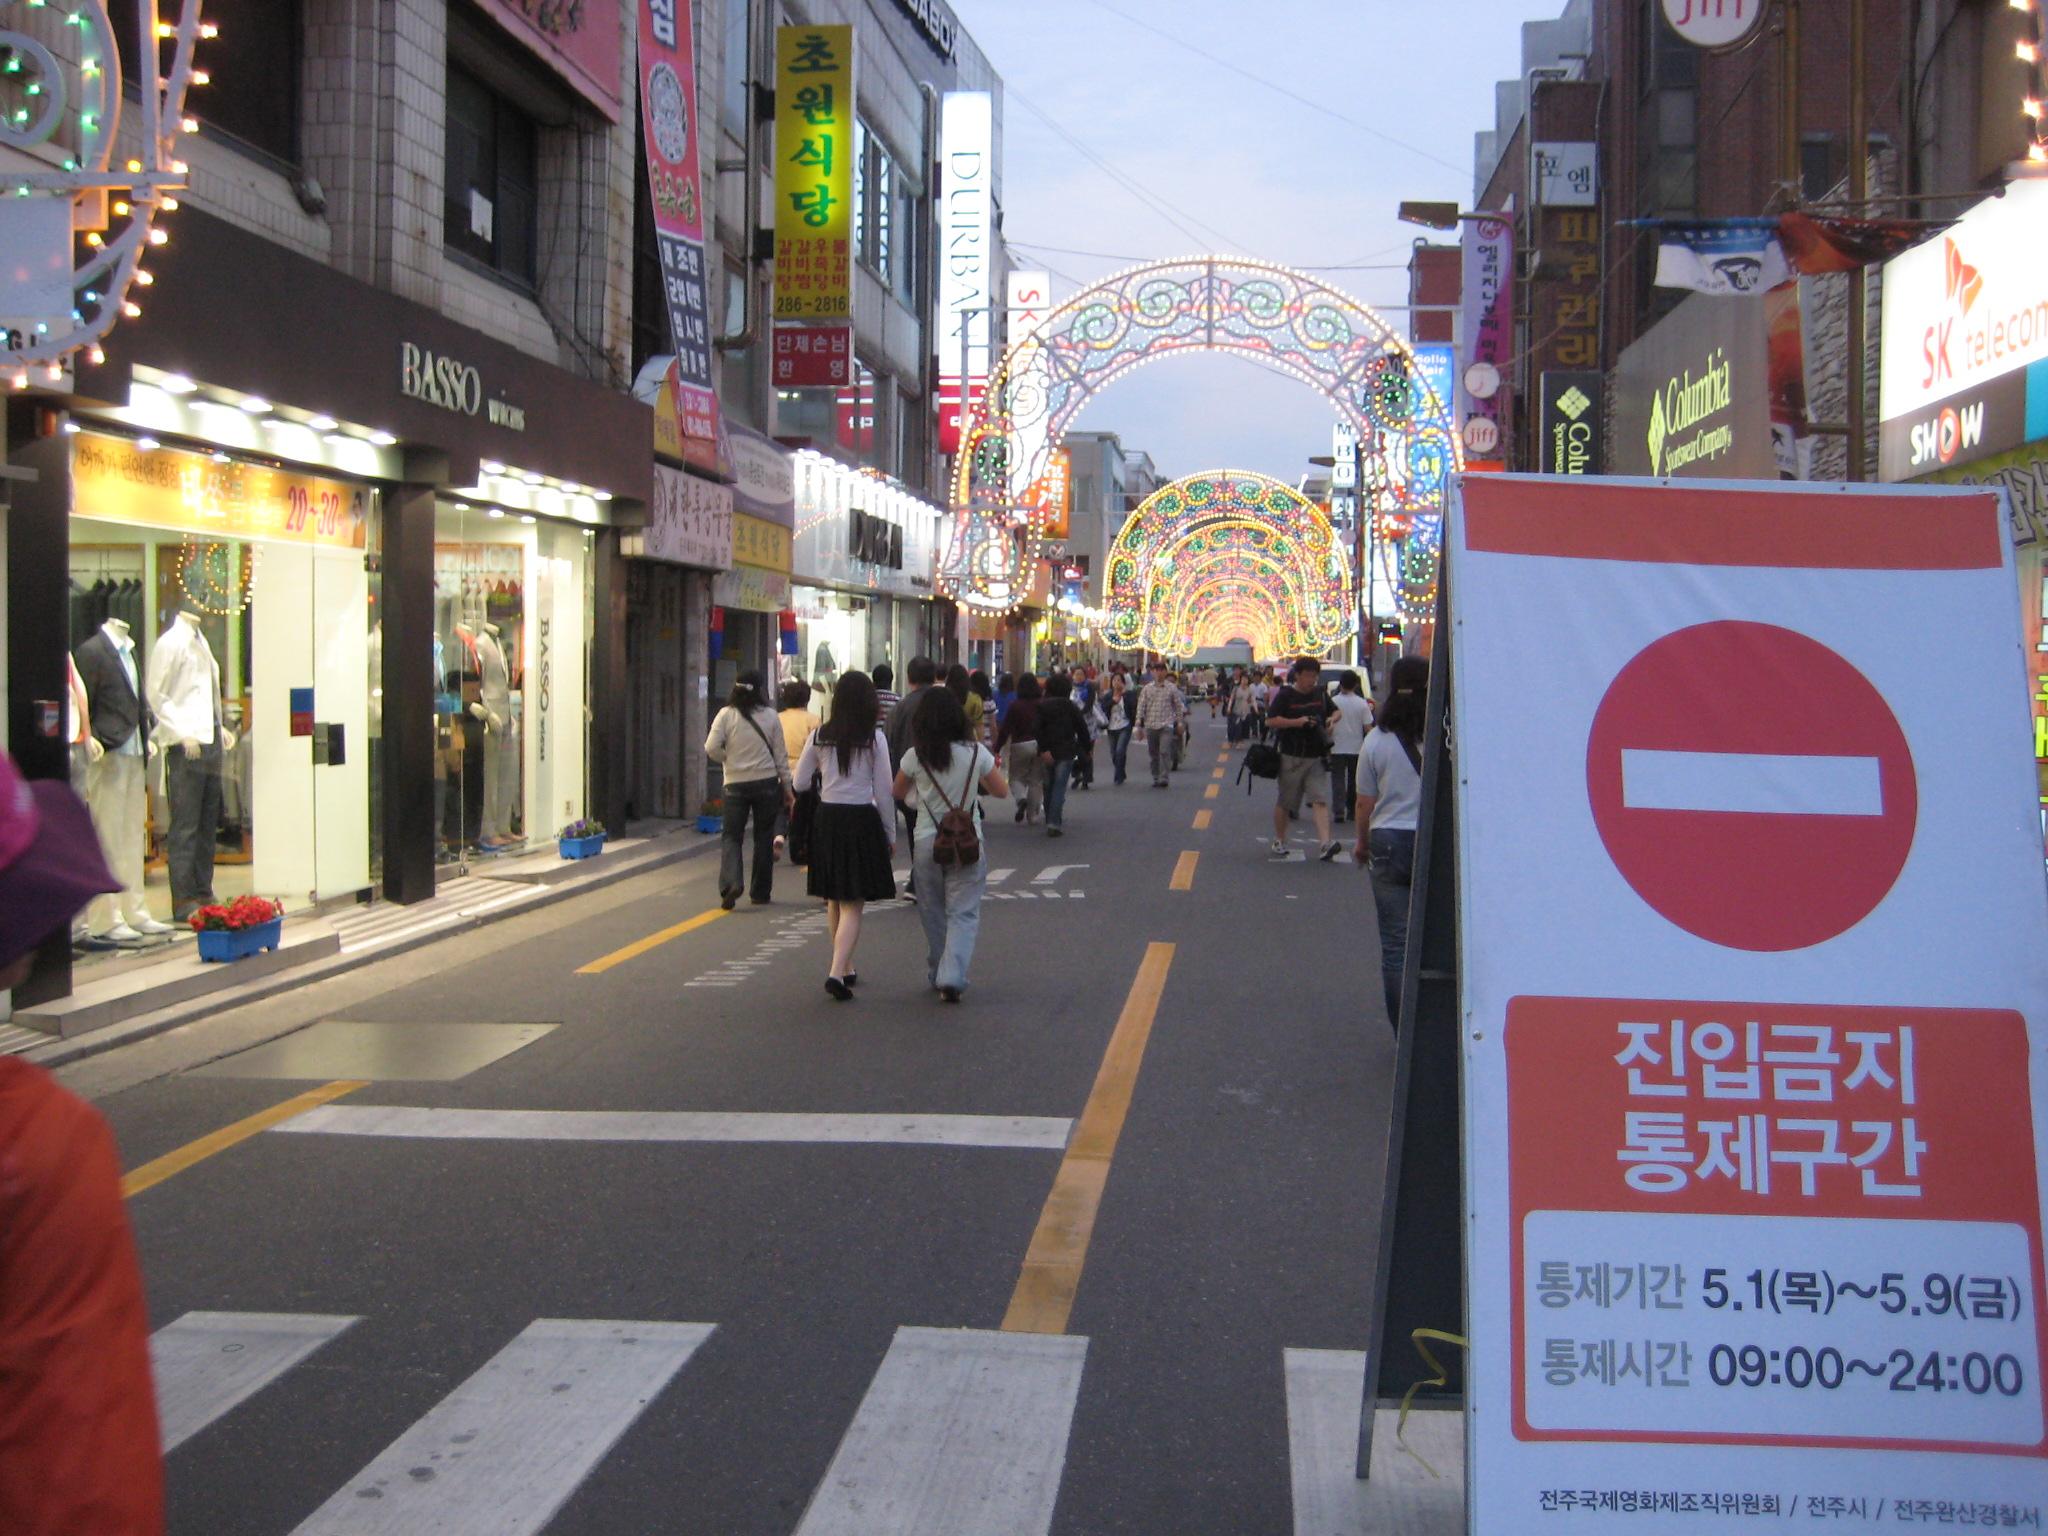 Jeonju Film Festival area